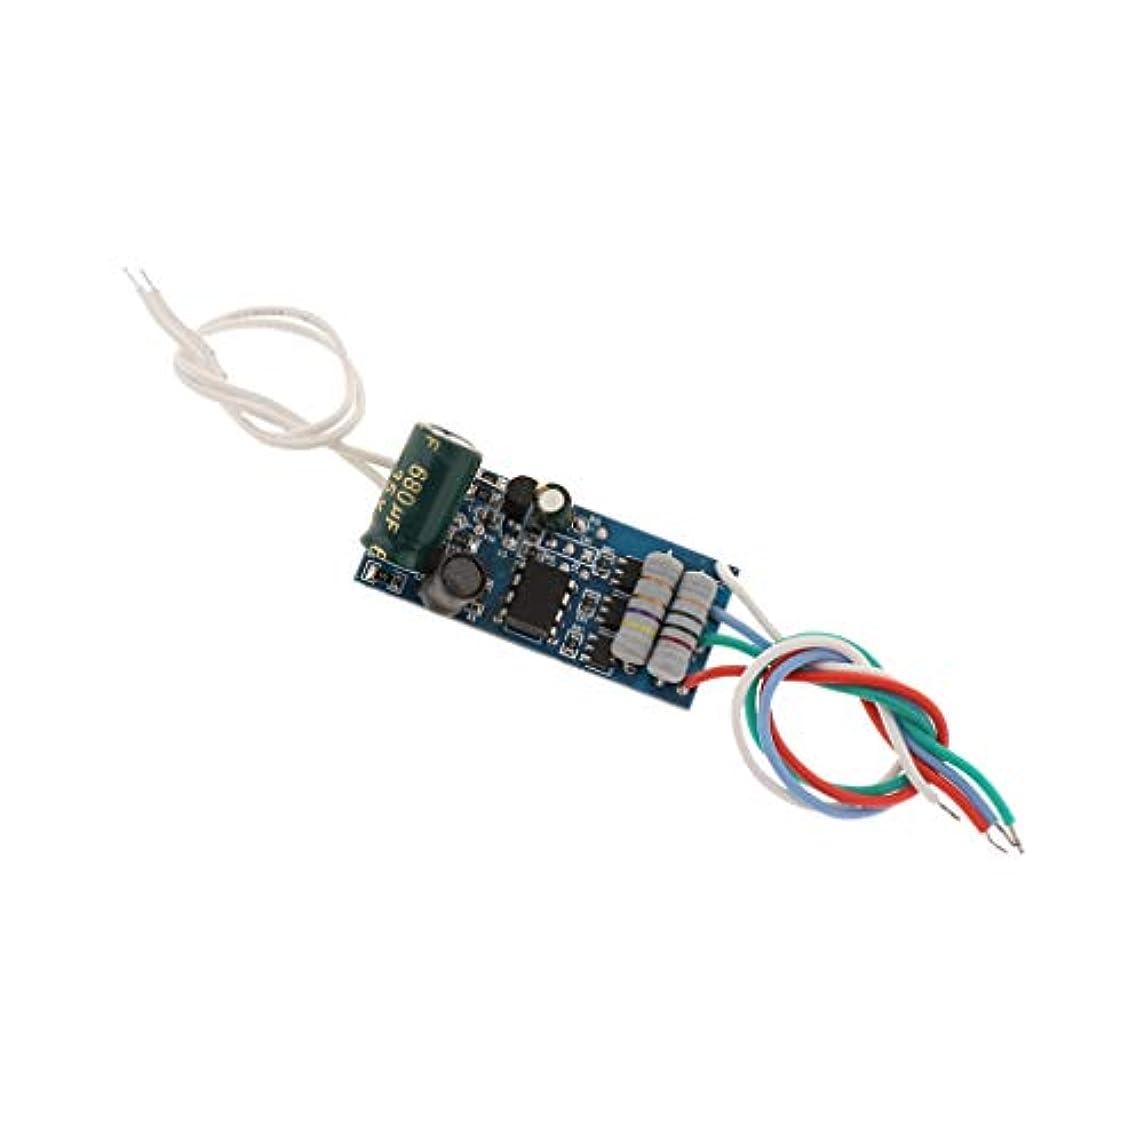 スケジュールオープニング市区町村P Prettyia AC 12V 3-9W RGB 内蔵LEDドライブ 電源モジュール 全2種 - 1